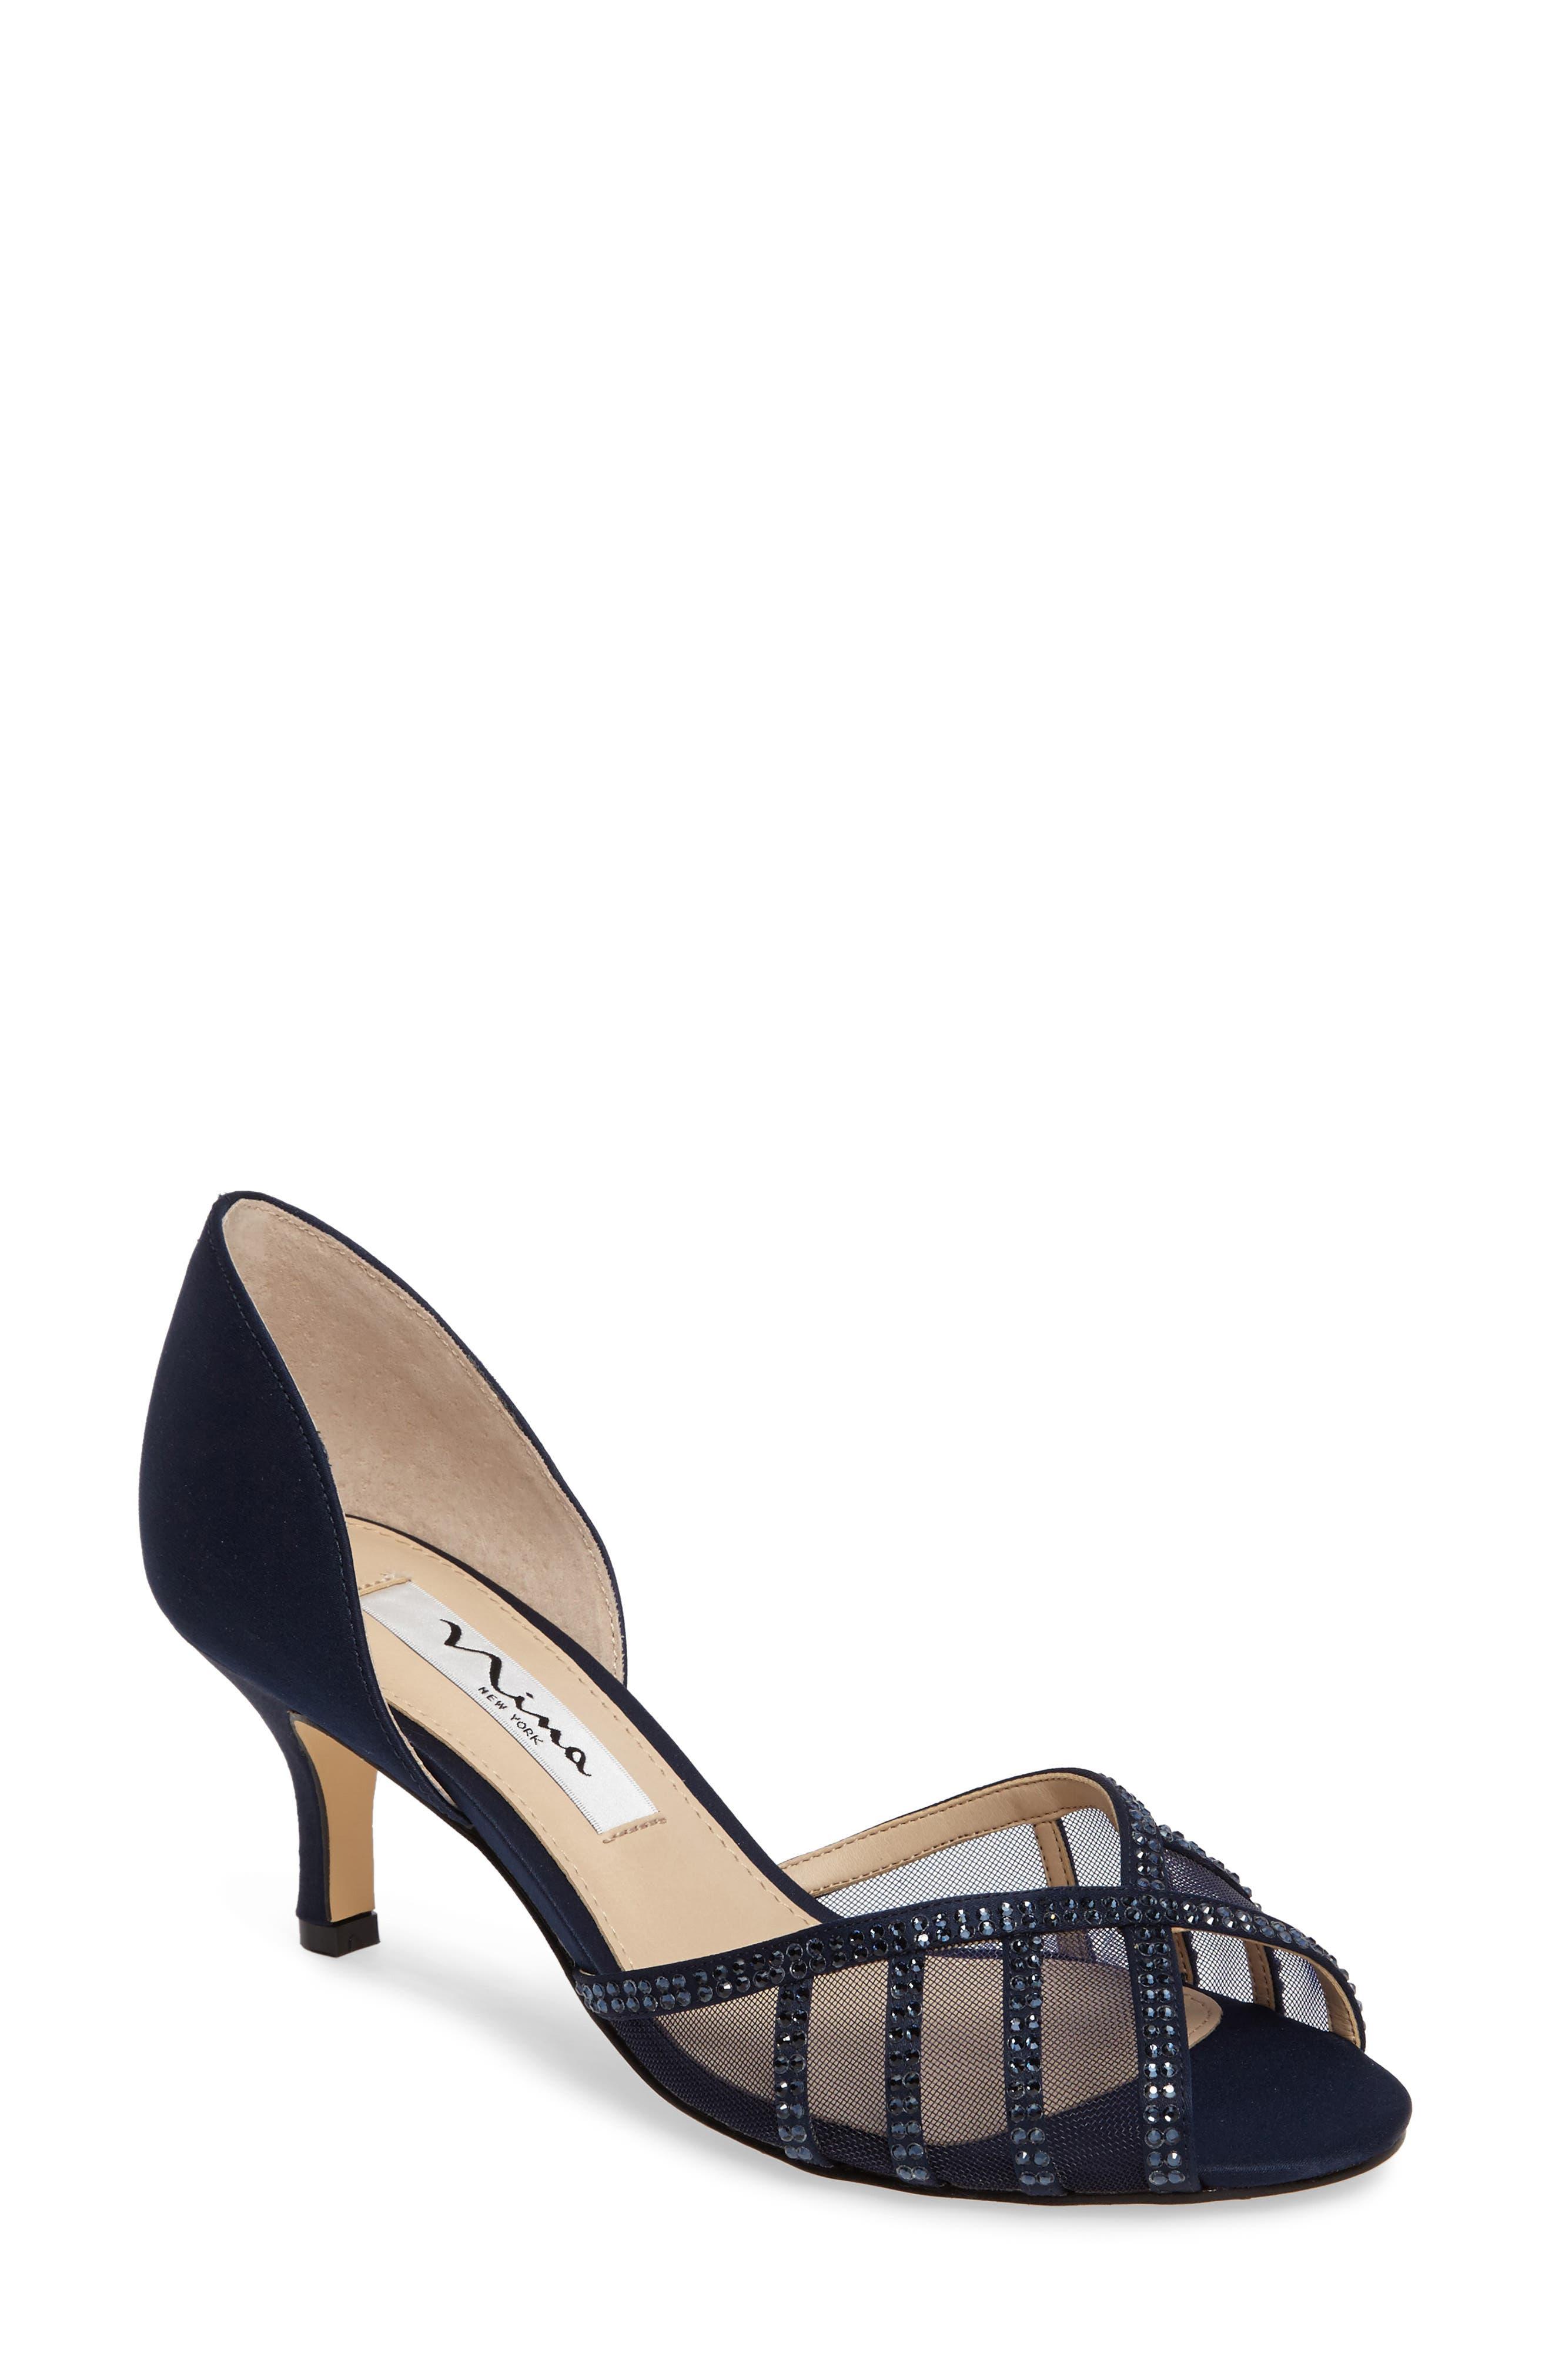 Alternate Image 1 Selected - Nina Corita Embellished Mesh Sandal (Women)